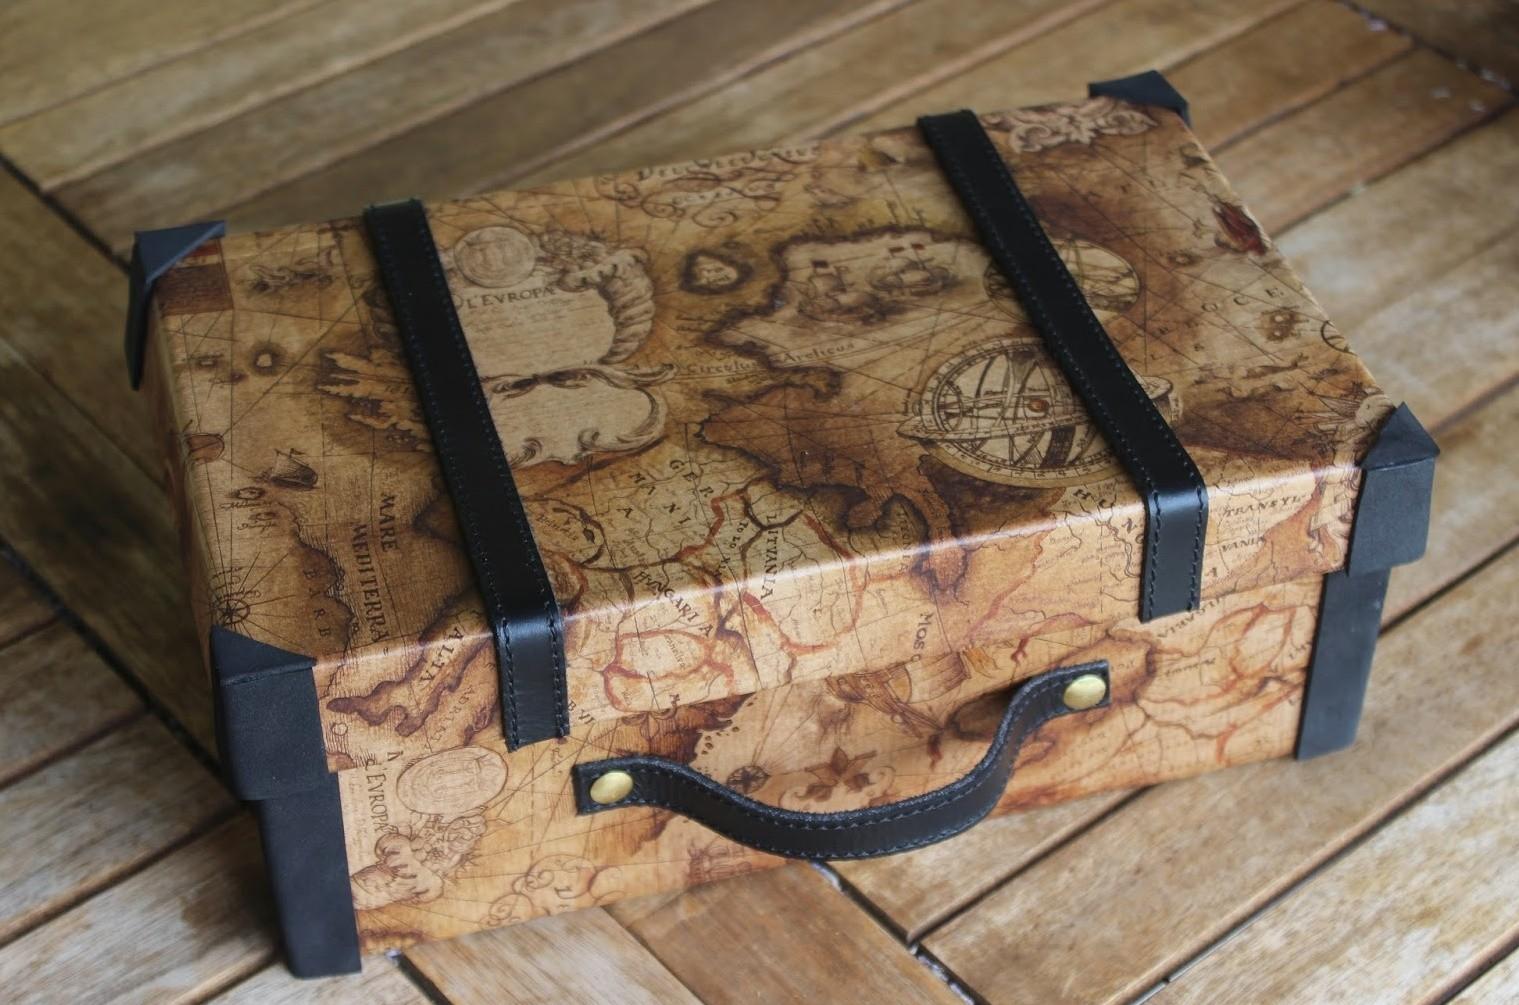 Декоративный чемодан – упаковка для подарка или креативная вещь своими руками |+58 фото